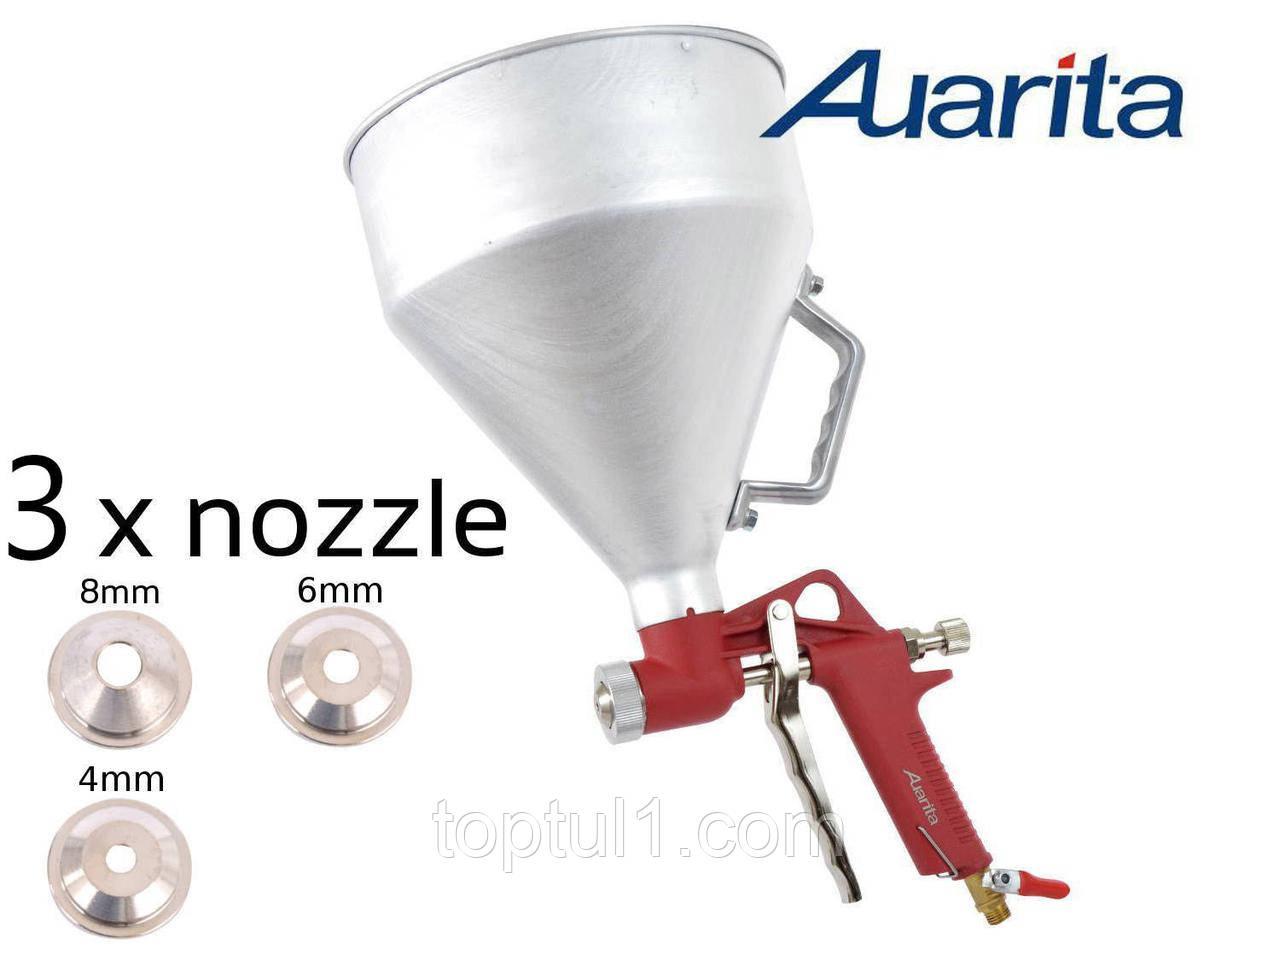 Распылитель пневматический для нанесения штукатурки FR-300 AUARITA